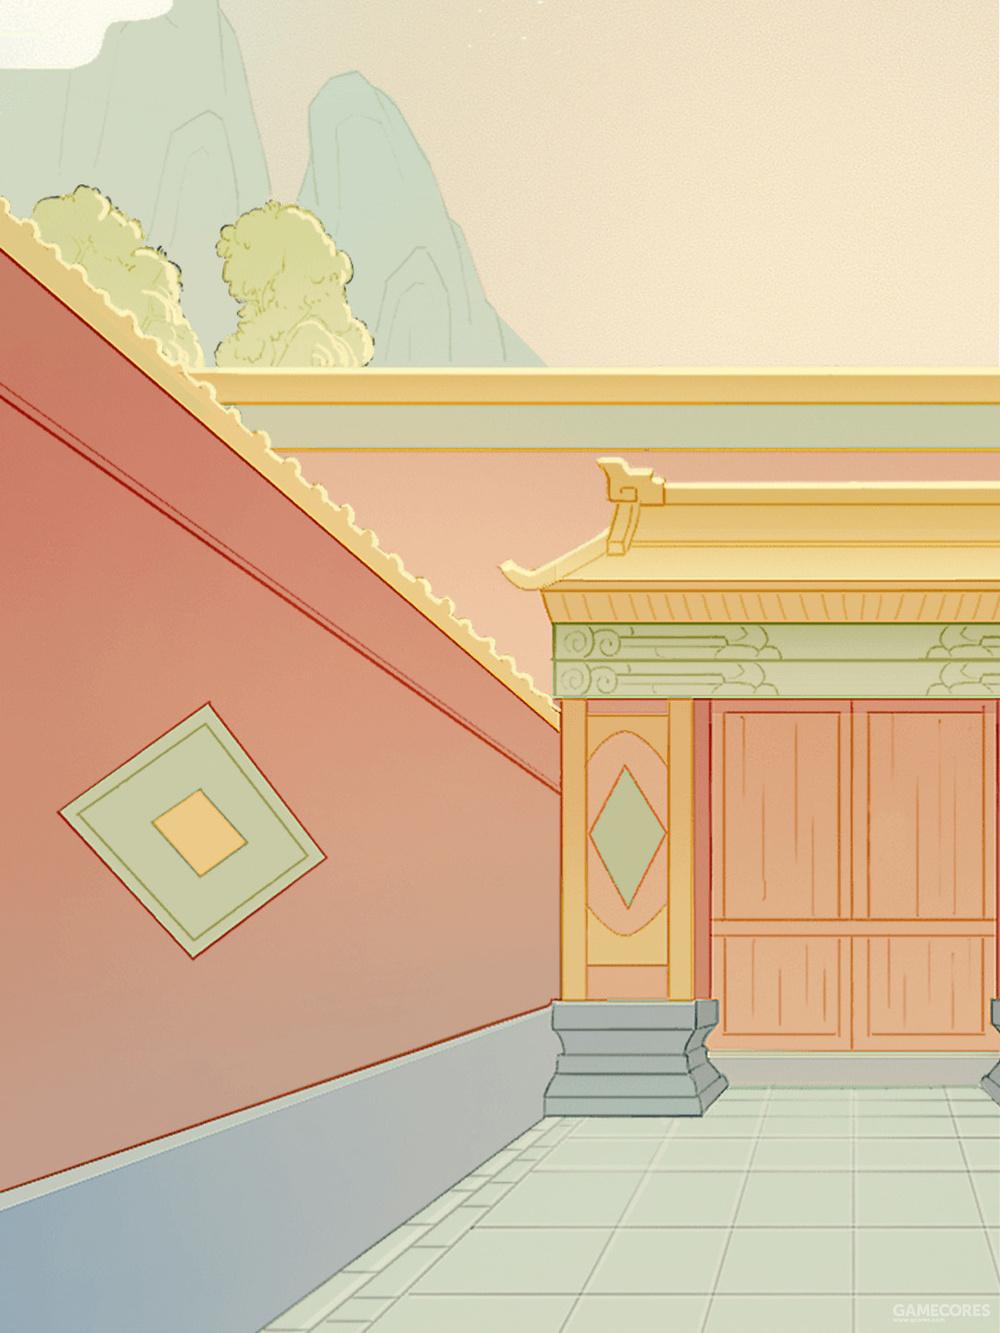 游戏中的启祥宫(今太极殿)门外,周本与禾心的邂逅,就在此不远处